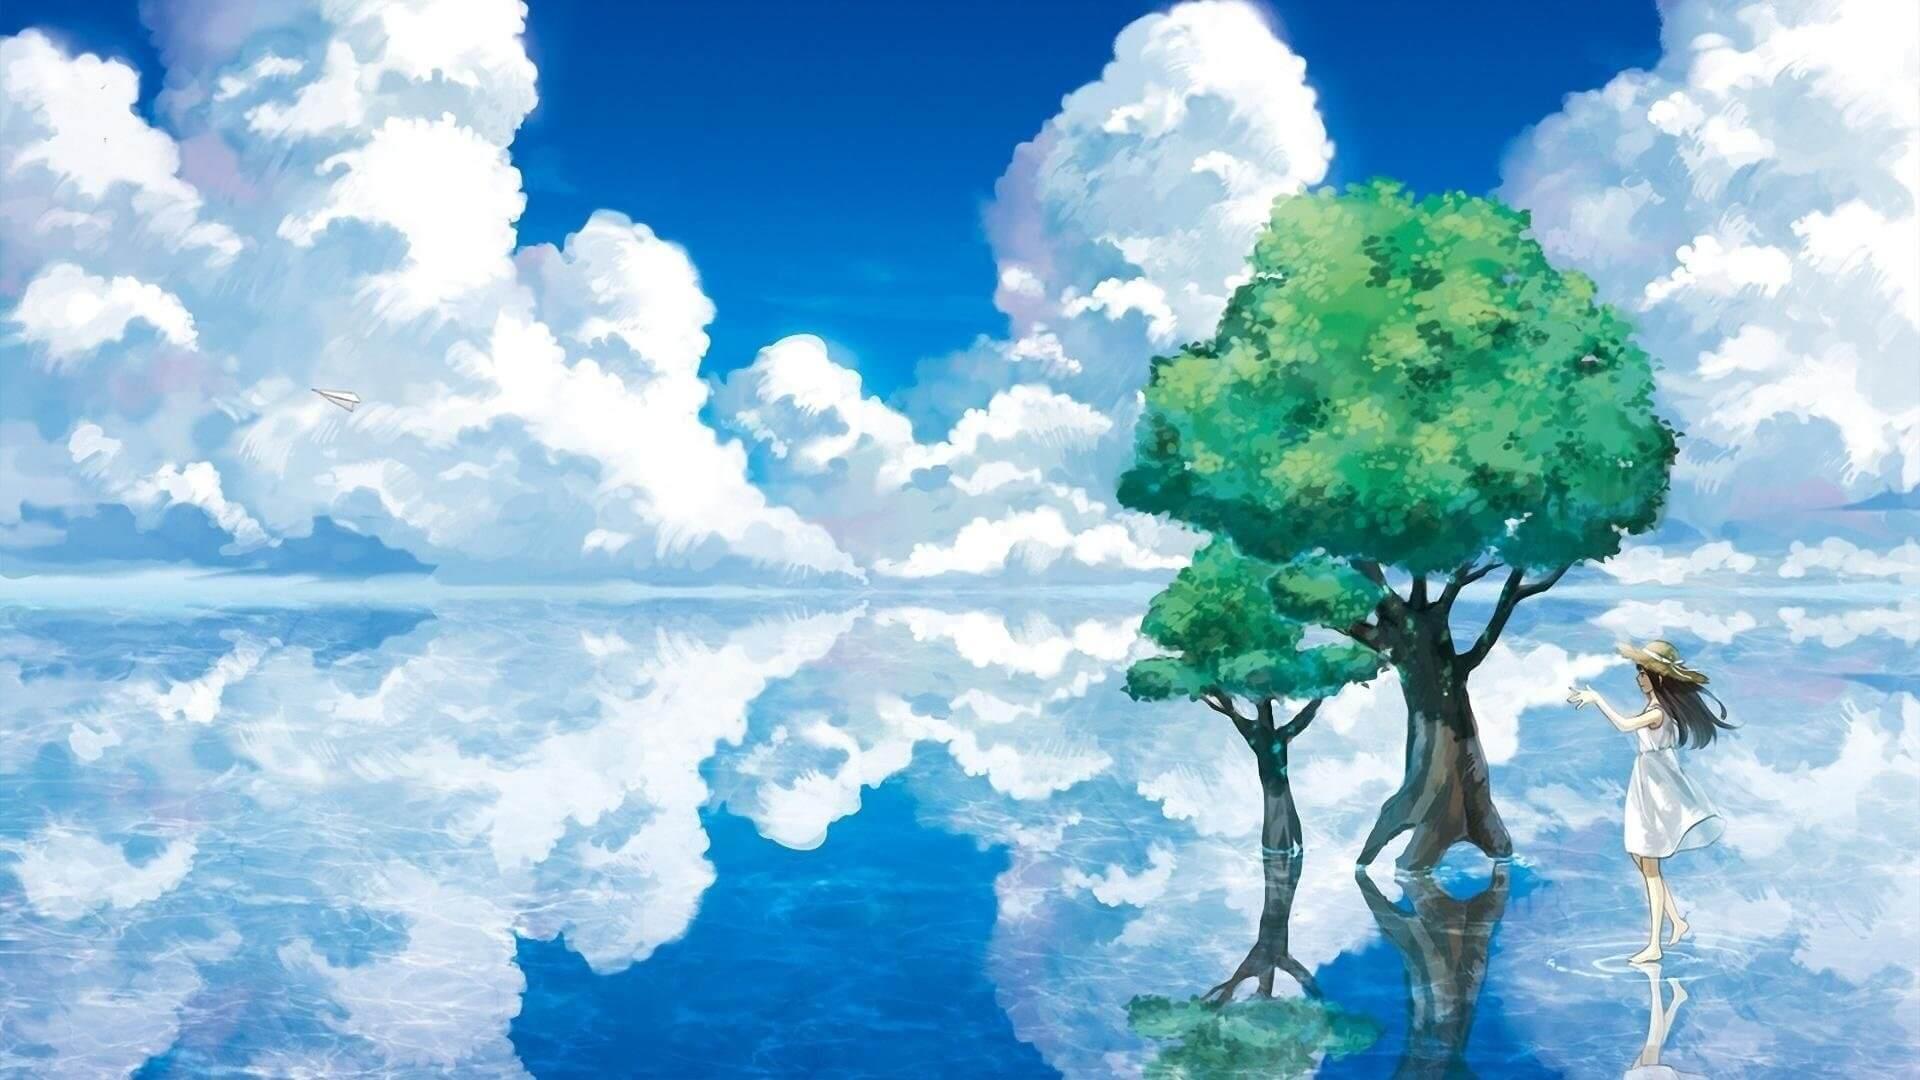 Hình nền máy tính anime phong cảnh